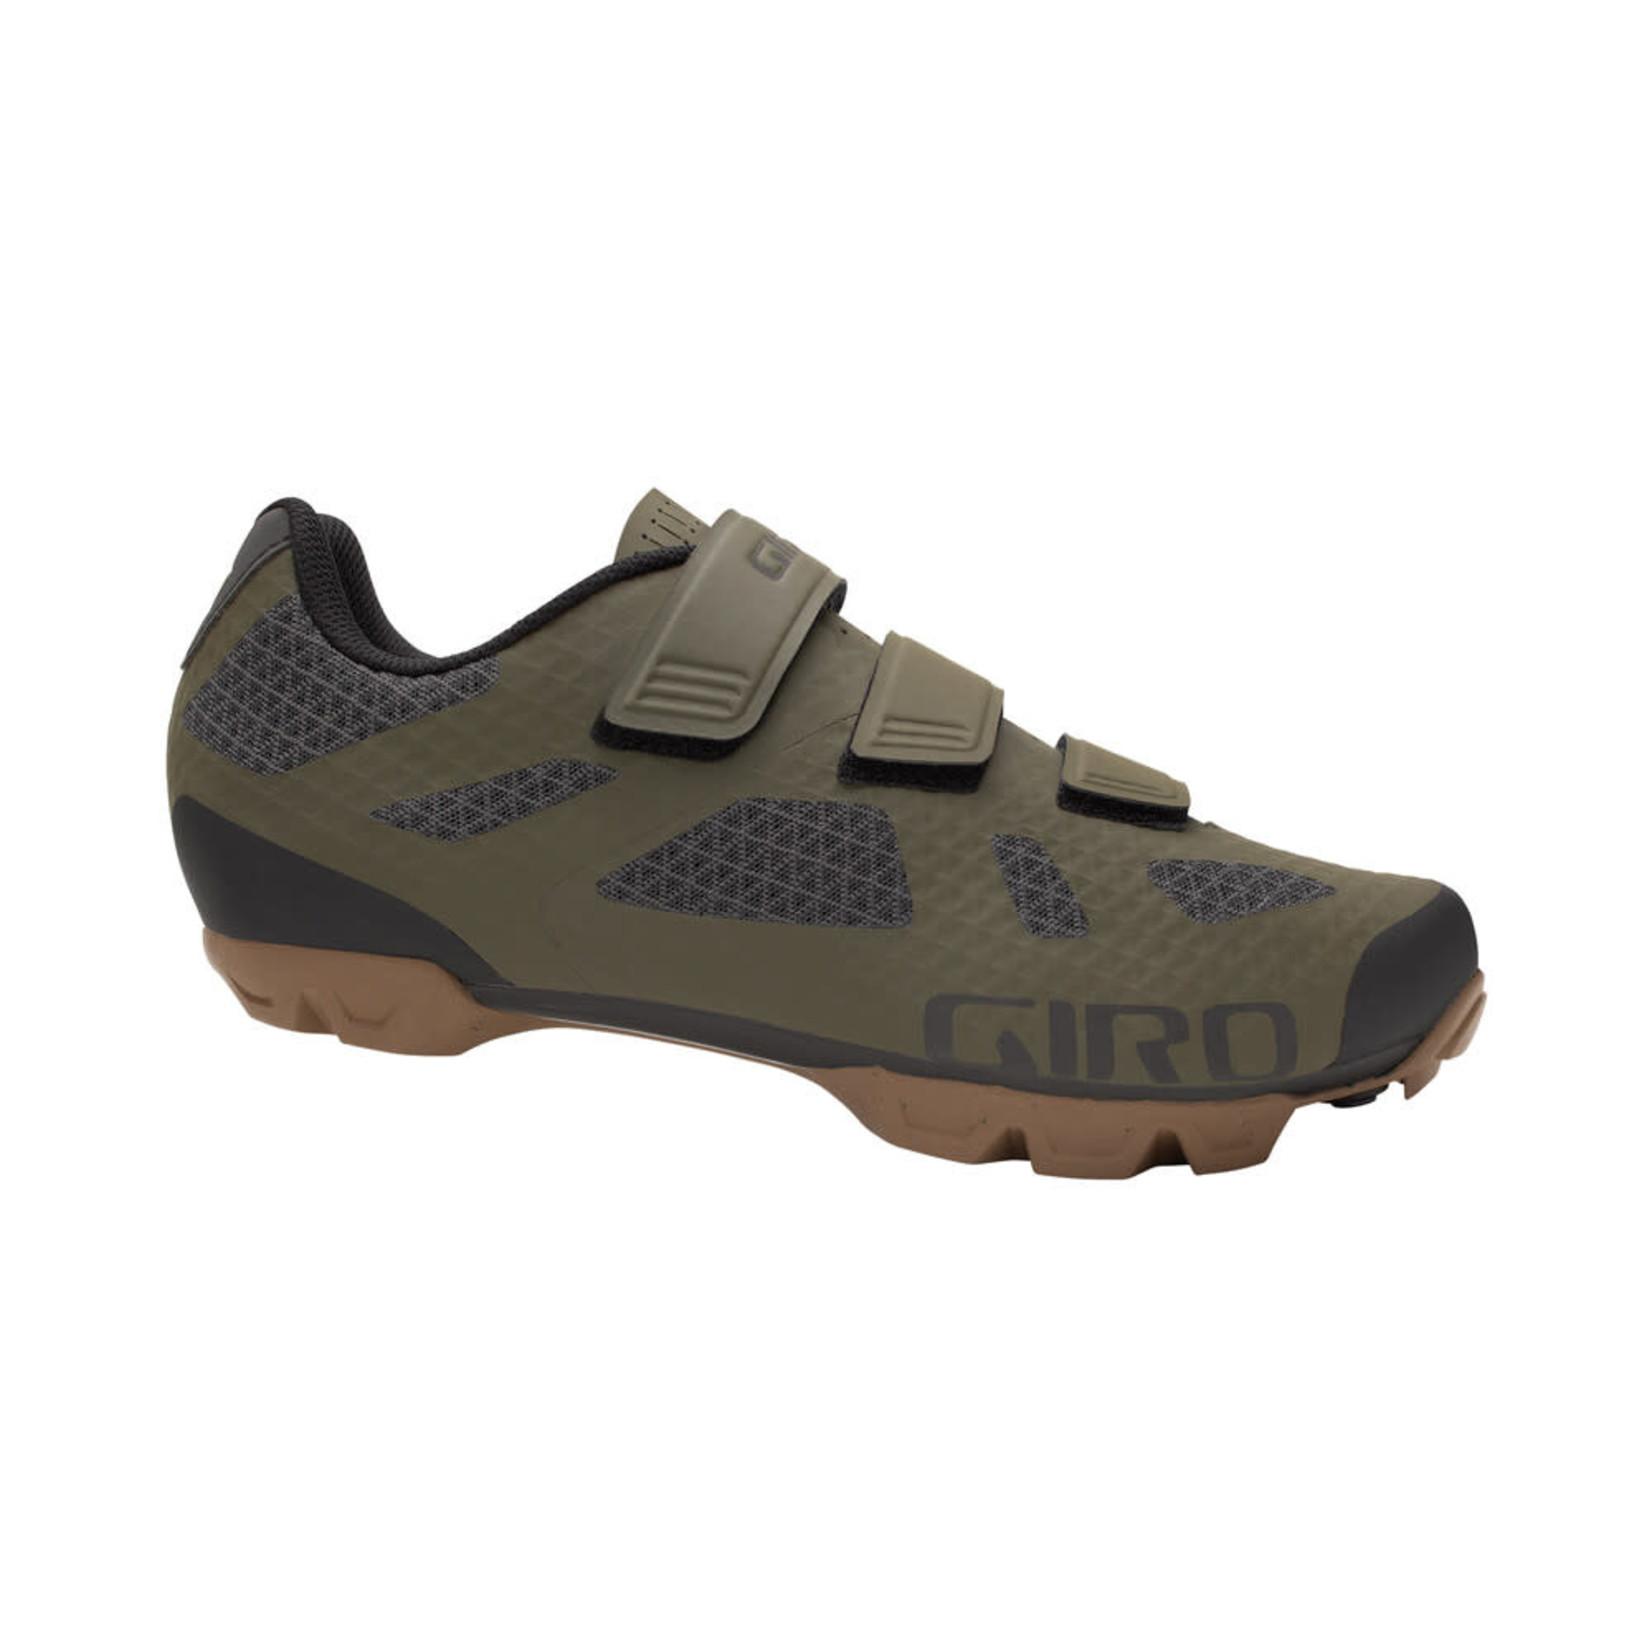 Giro Giro Ranger Shoes